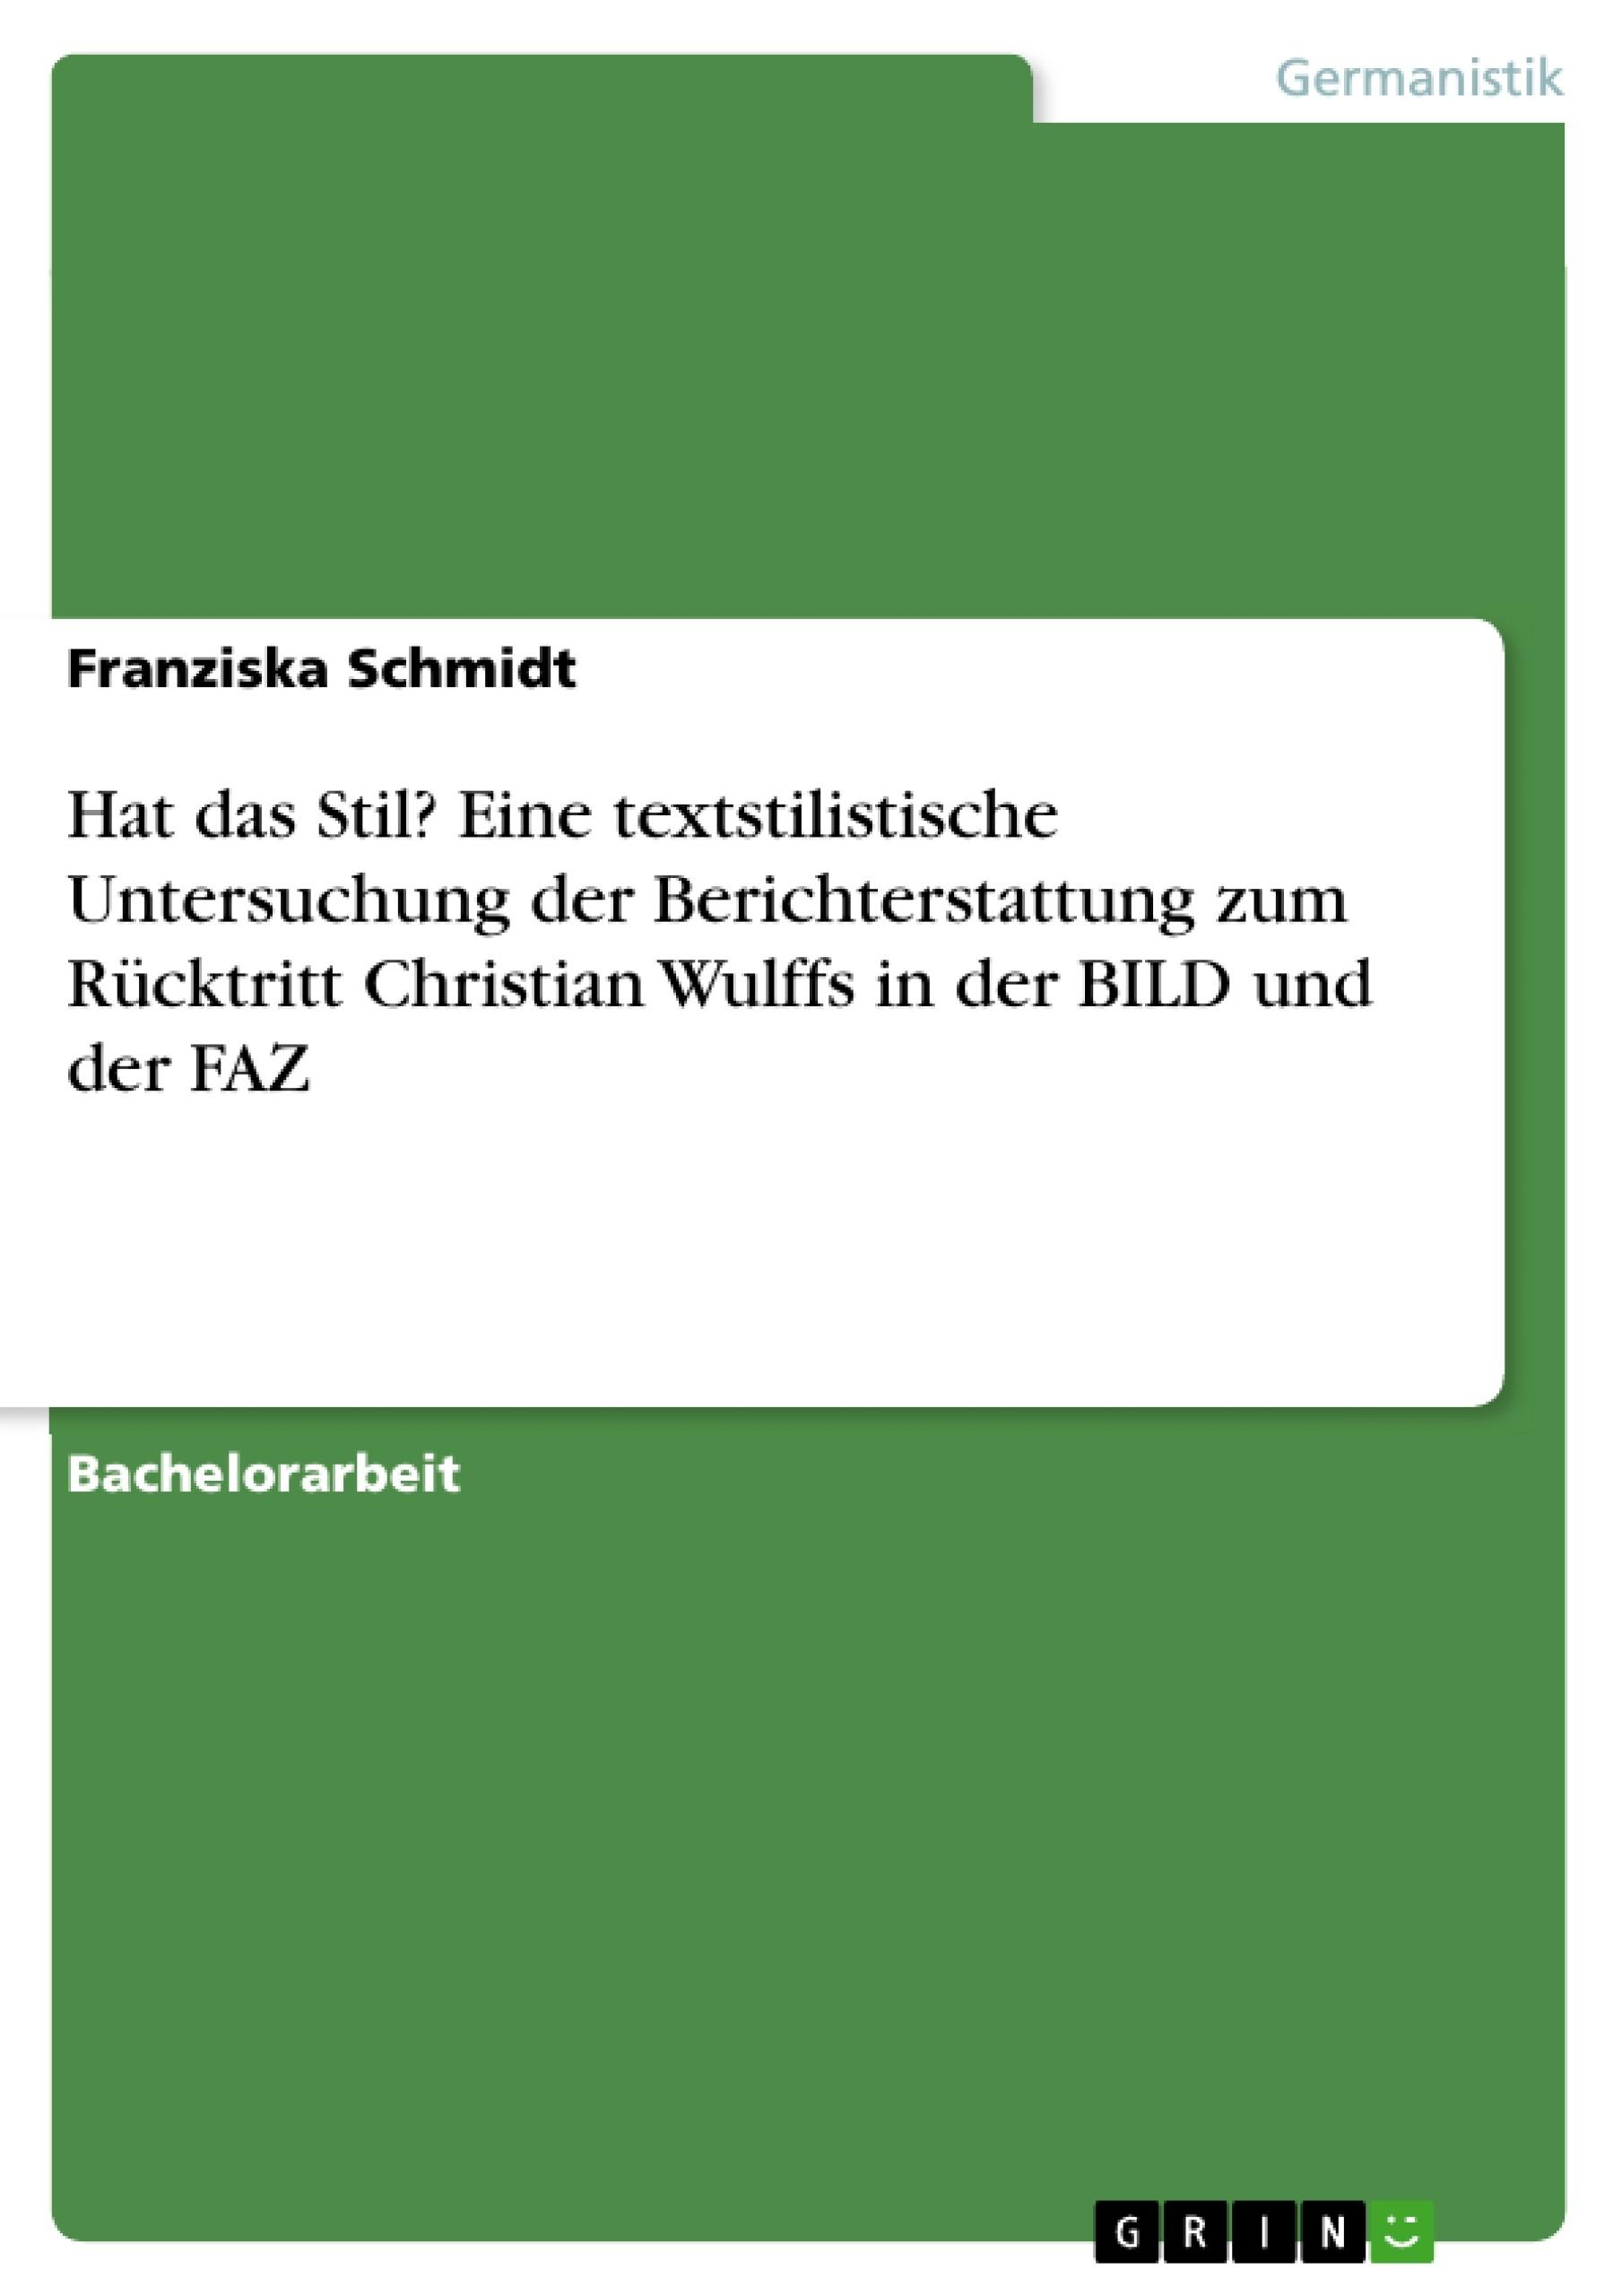 Titel: Hat das Stil? Eine textstilistische Untersuchung der Berichterstattung zum Rücktritt Christian Wulffs in der BILD und der FAZ